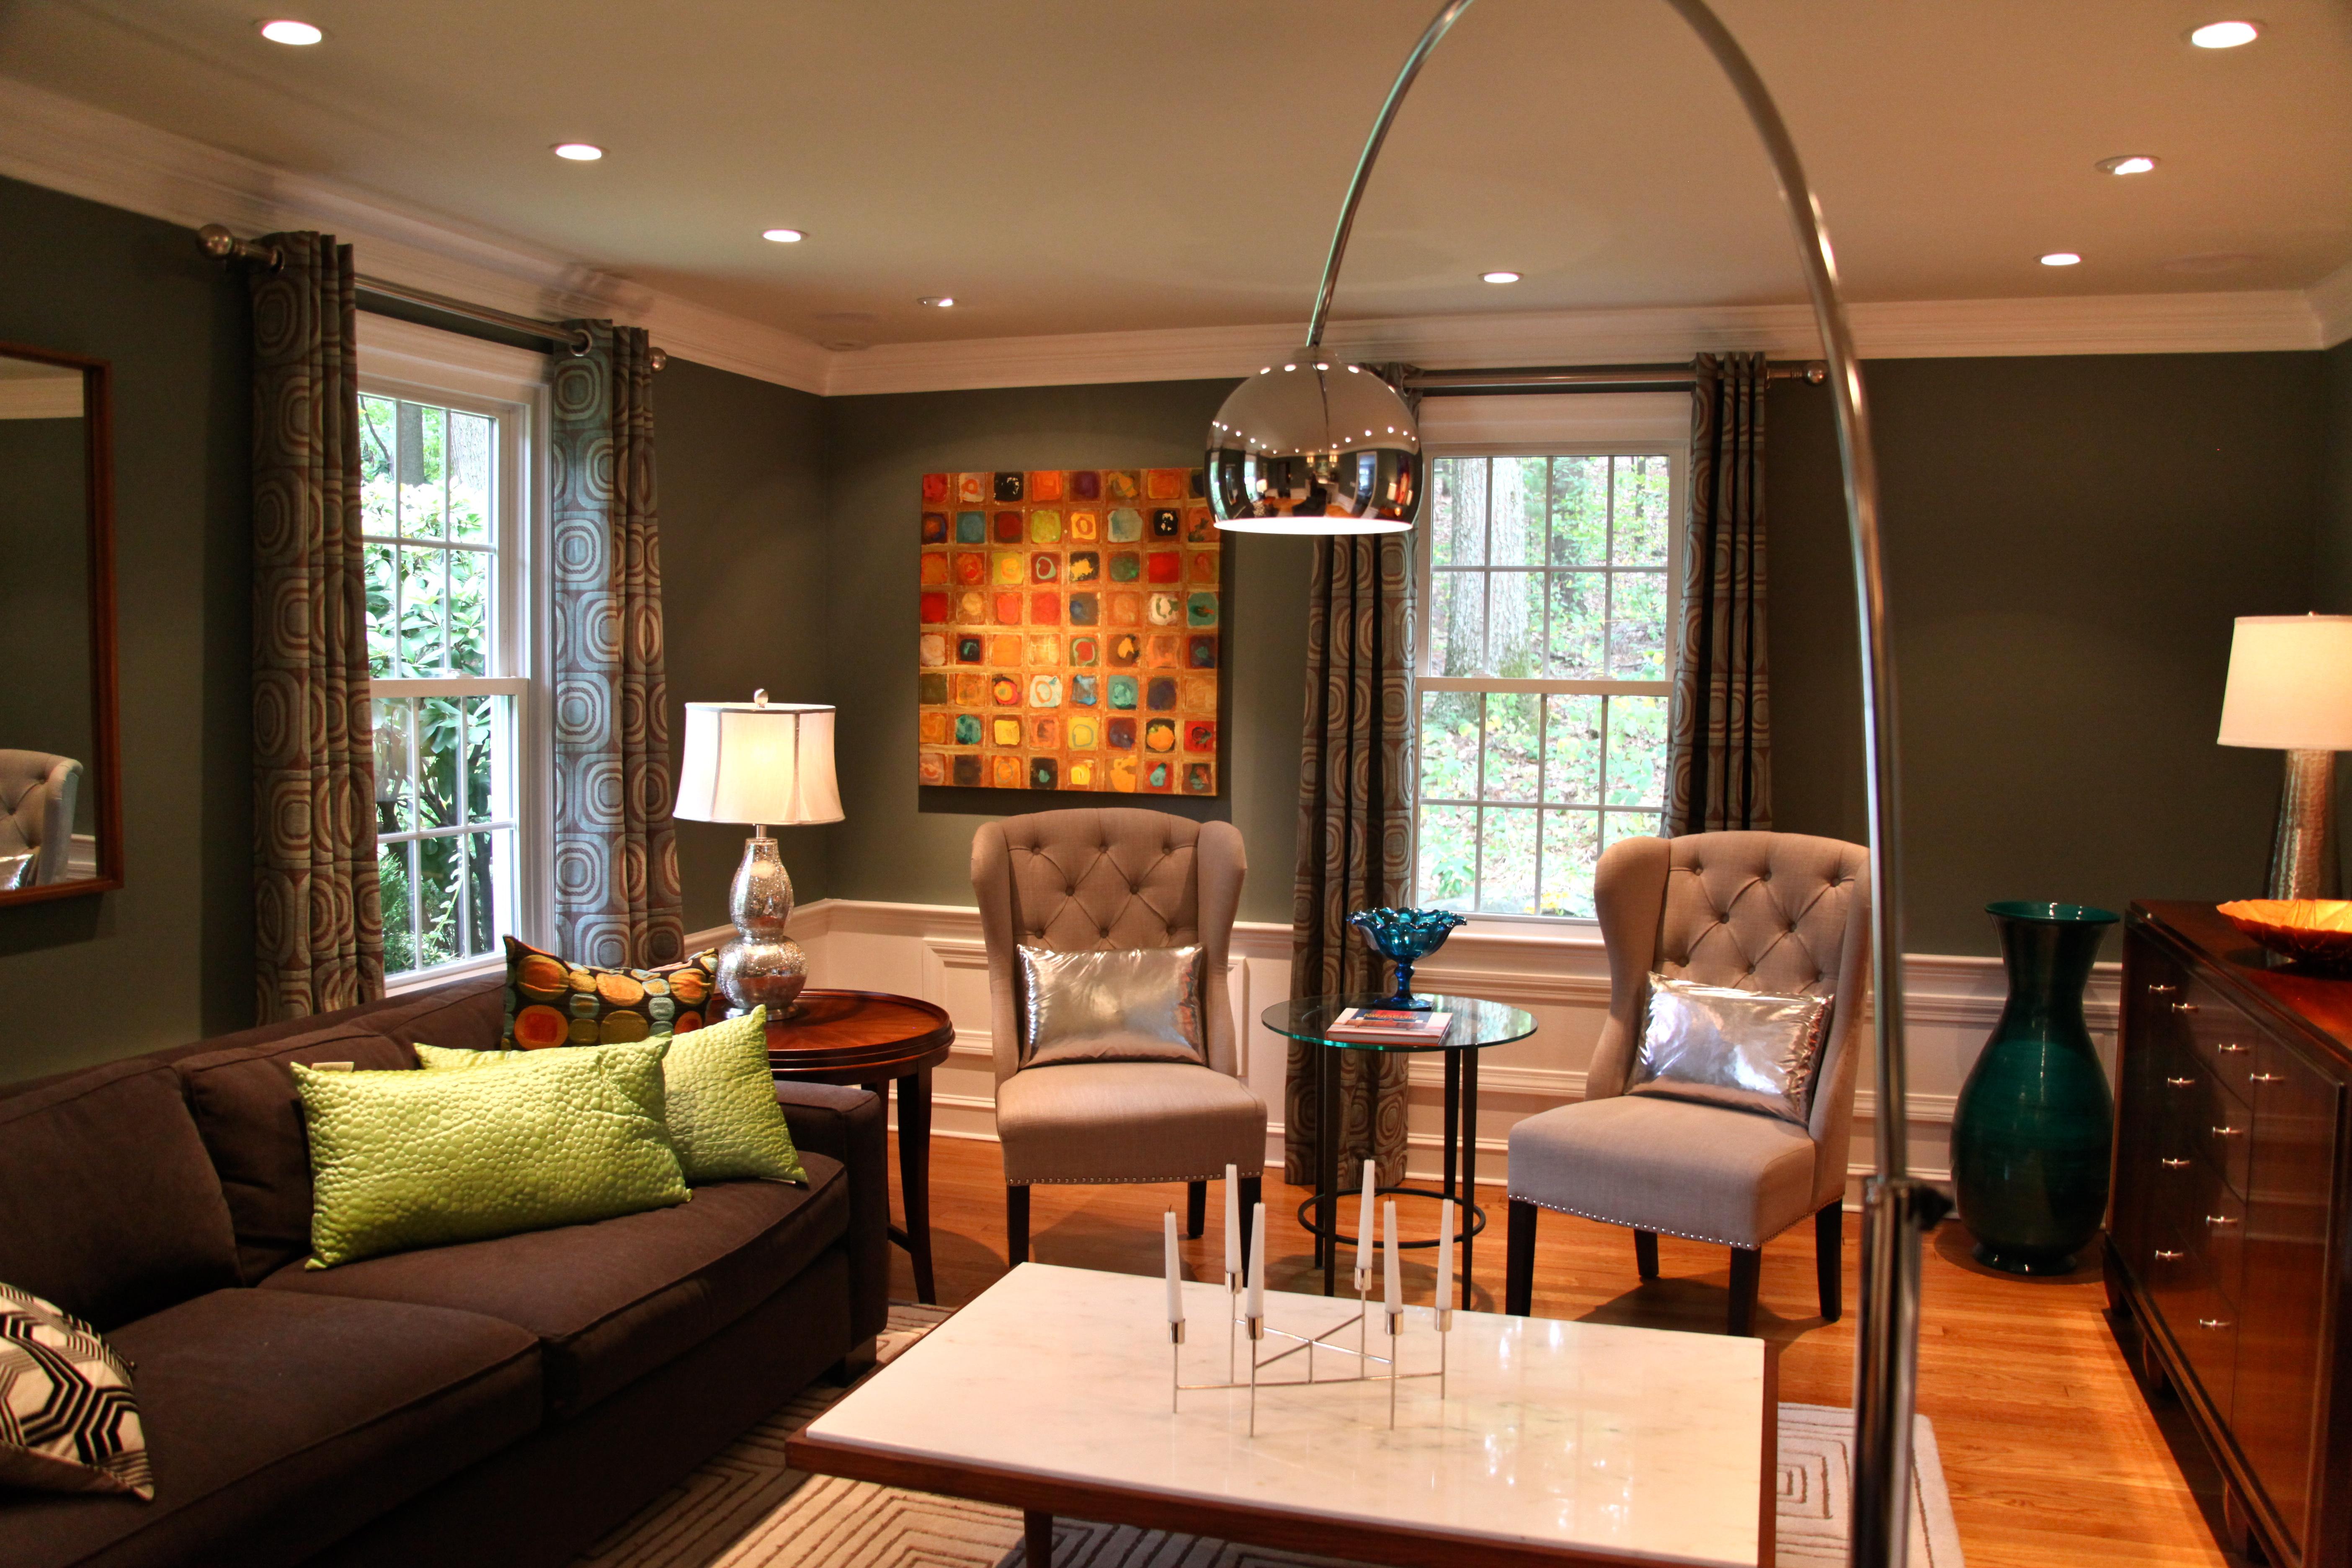 case studies kdz designs interior design western ma